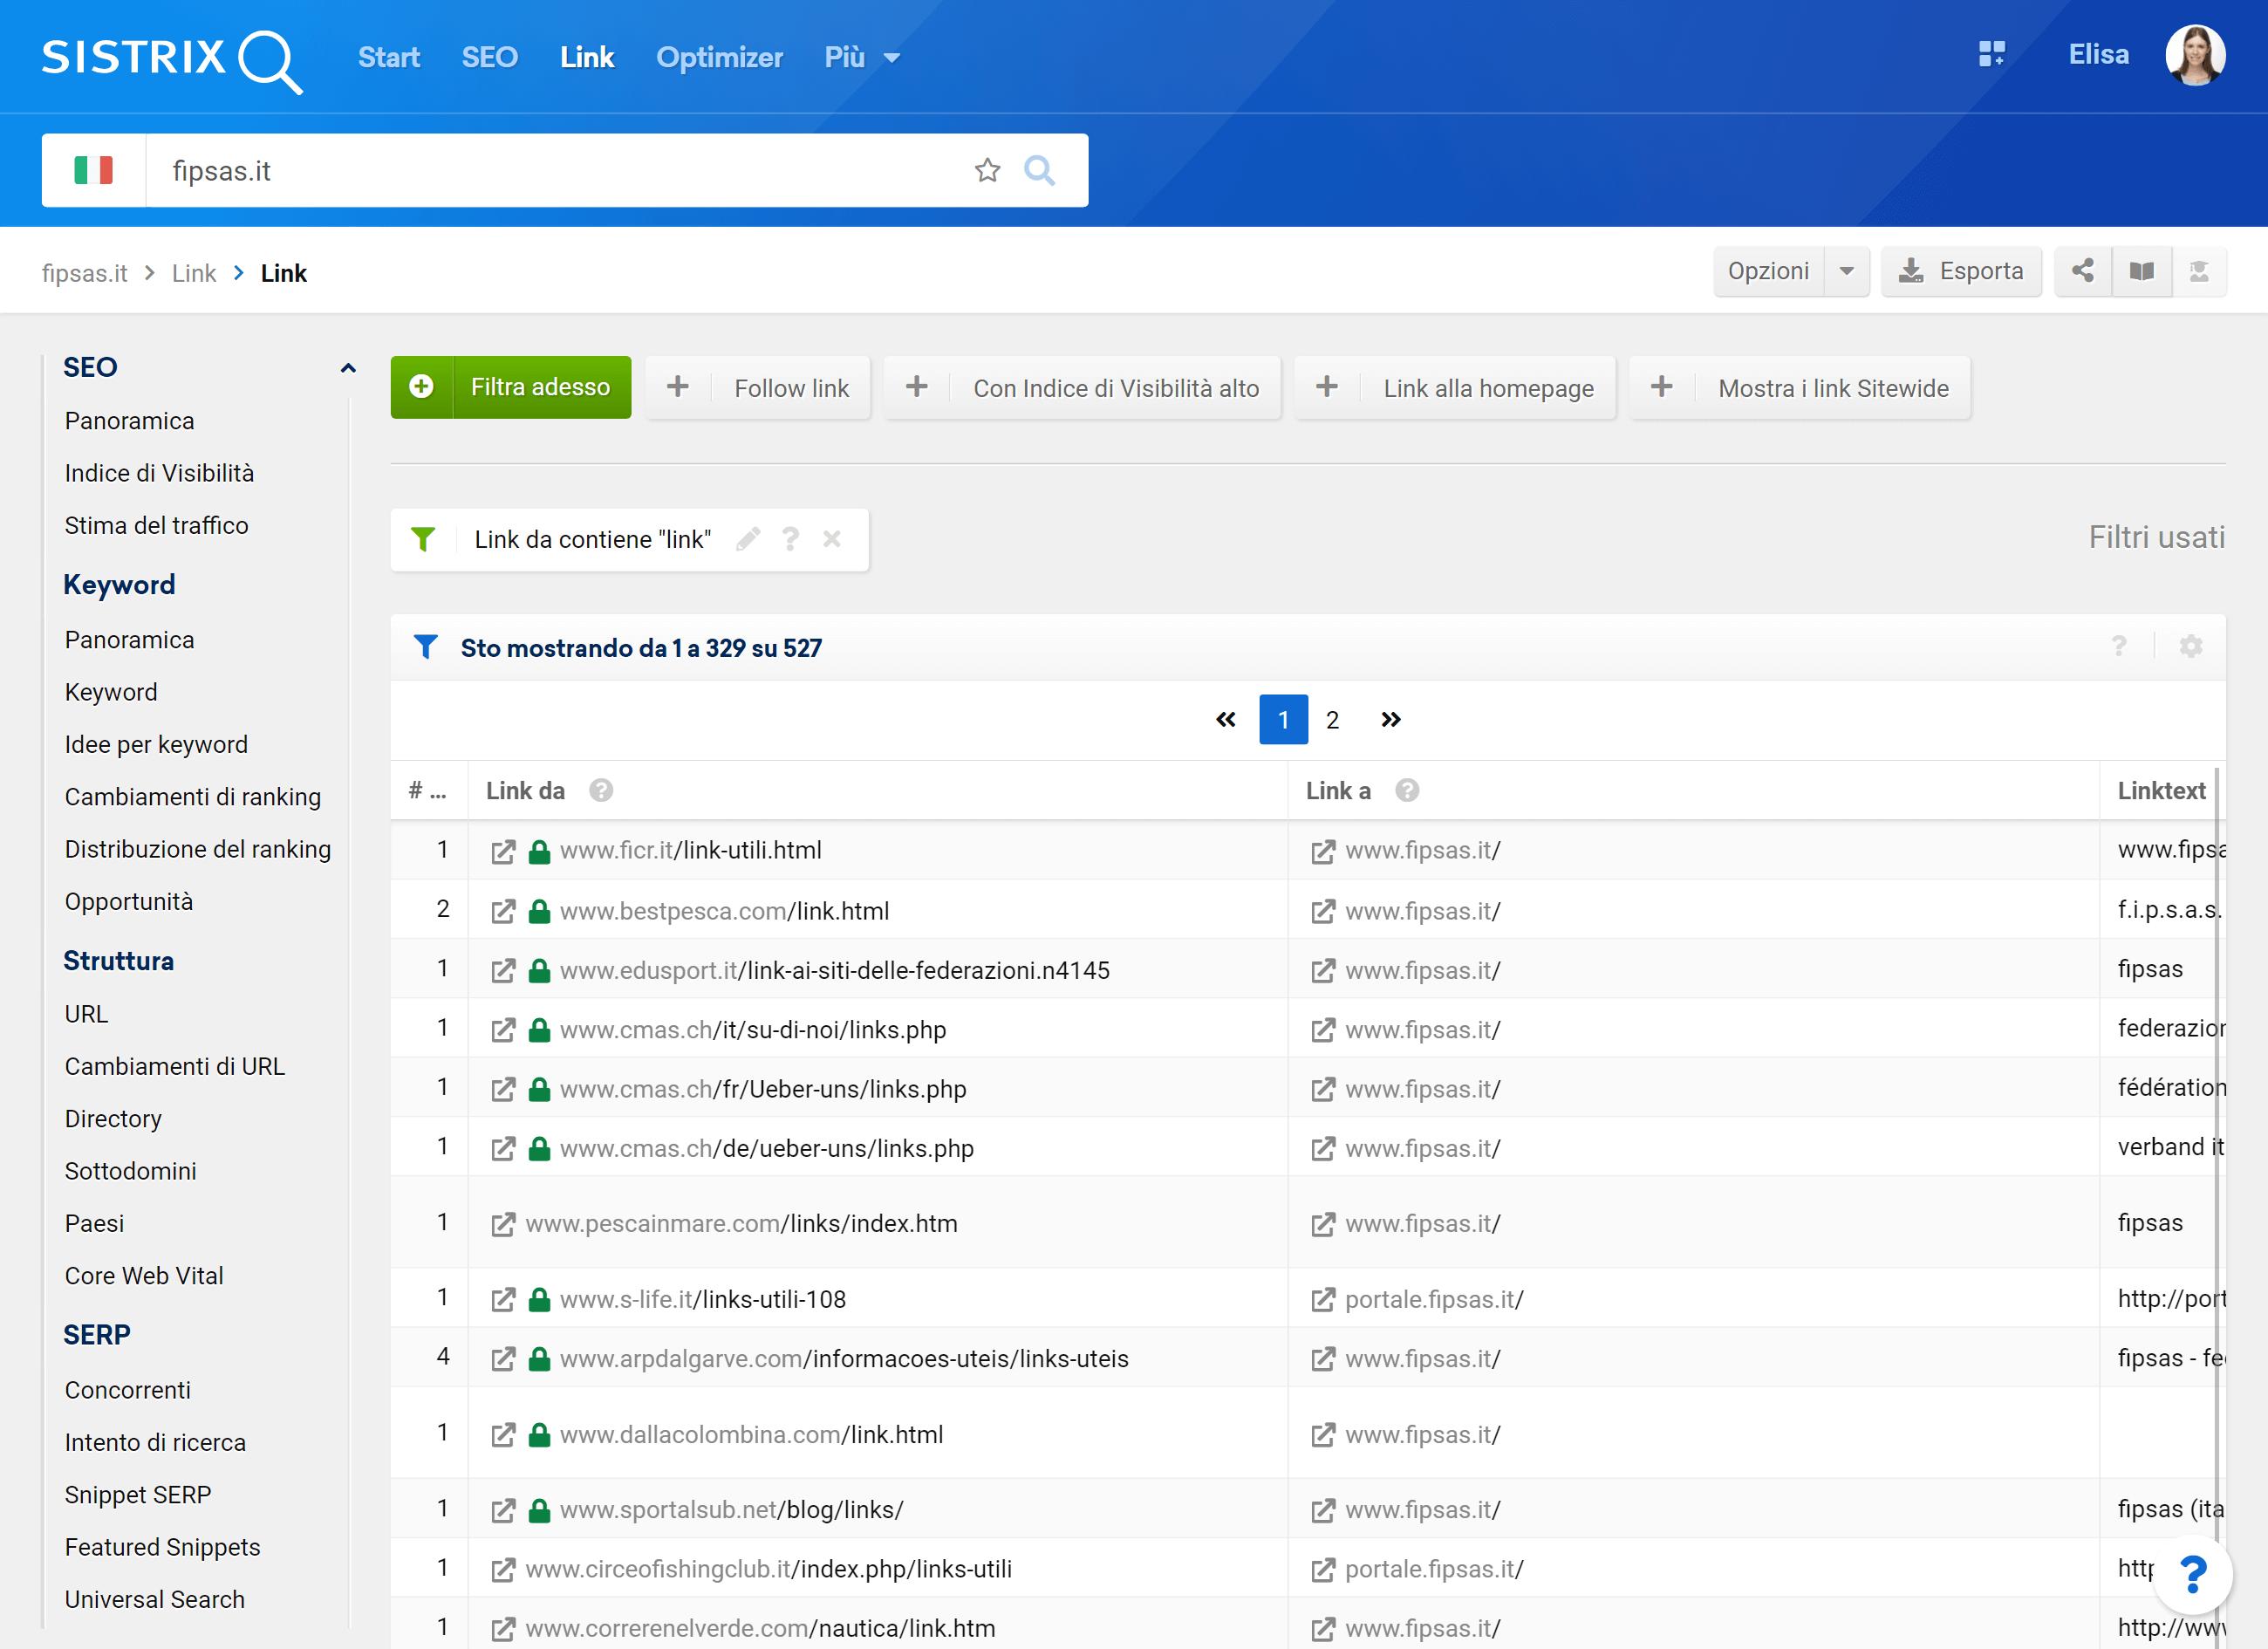 Il sito fipsas.it riceve anche backlink da siti con liste di link